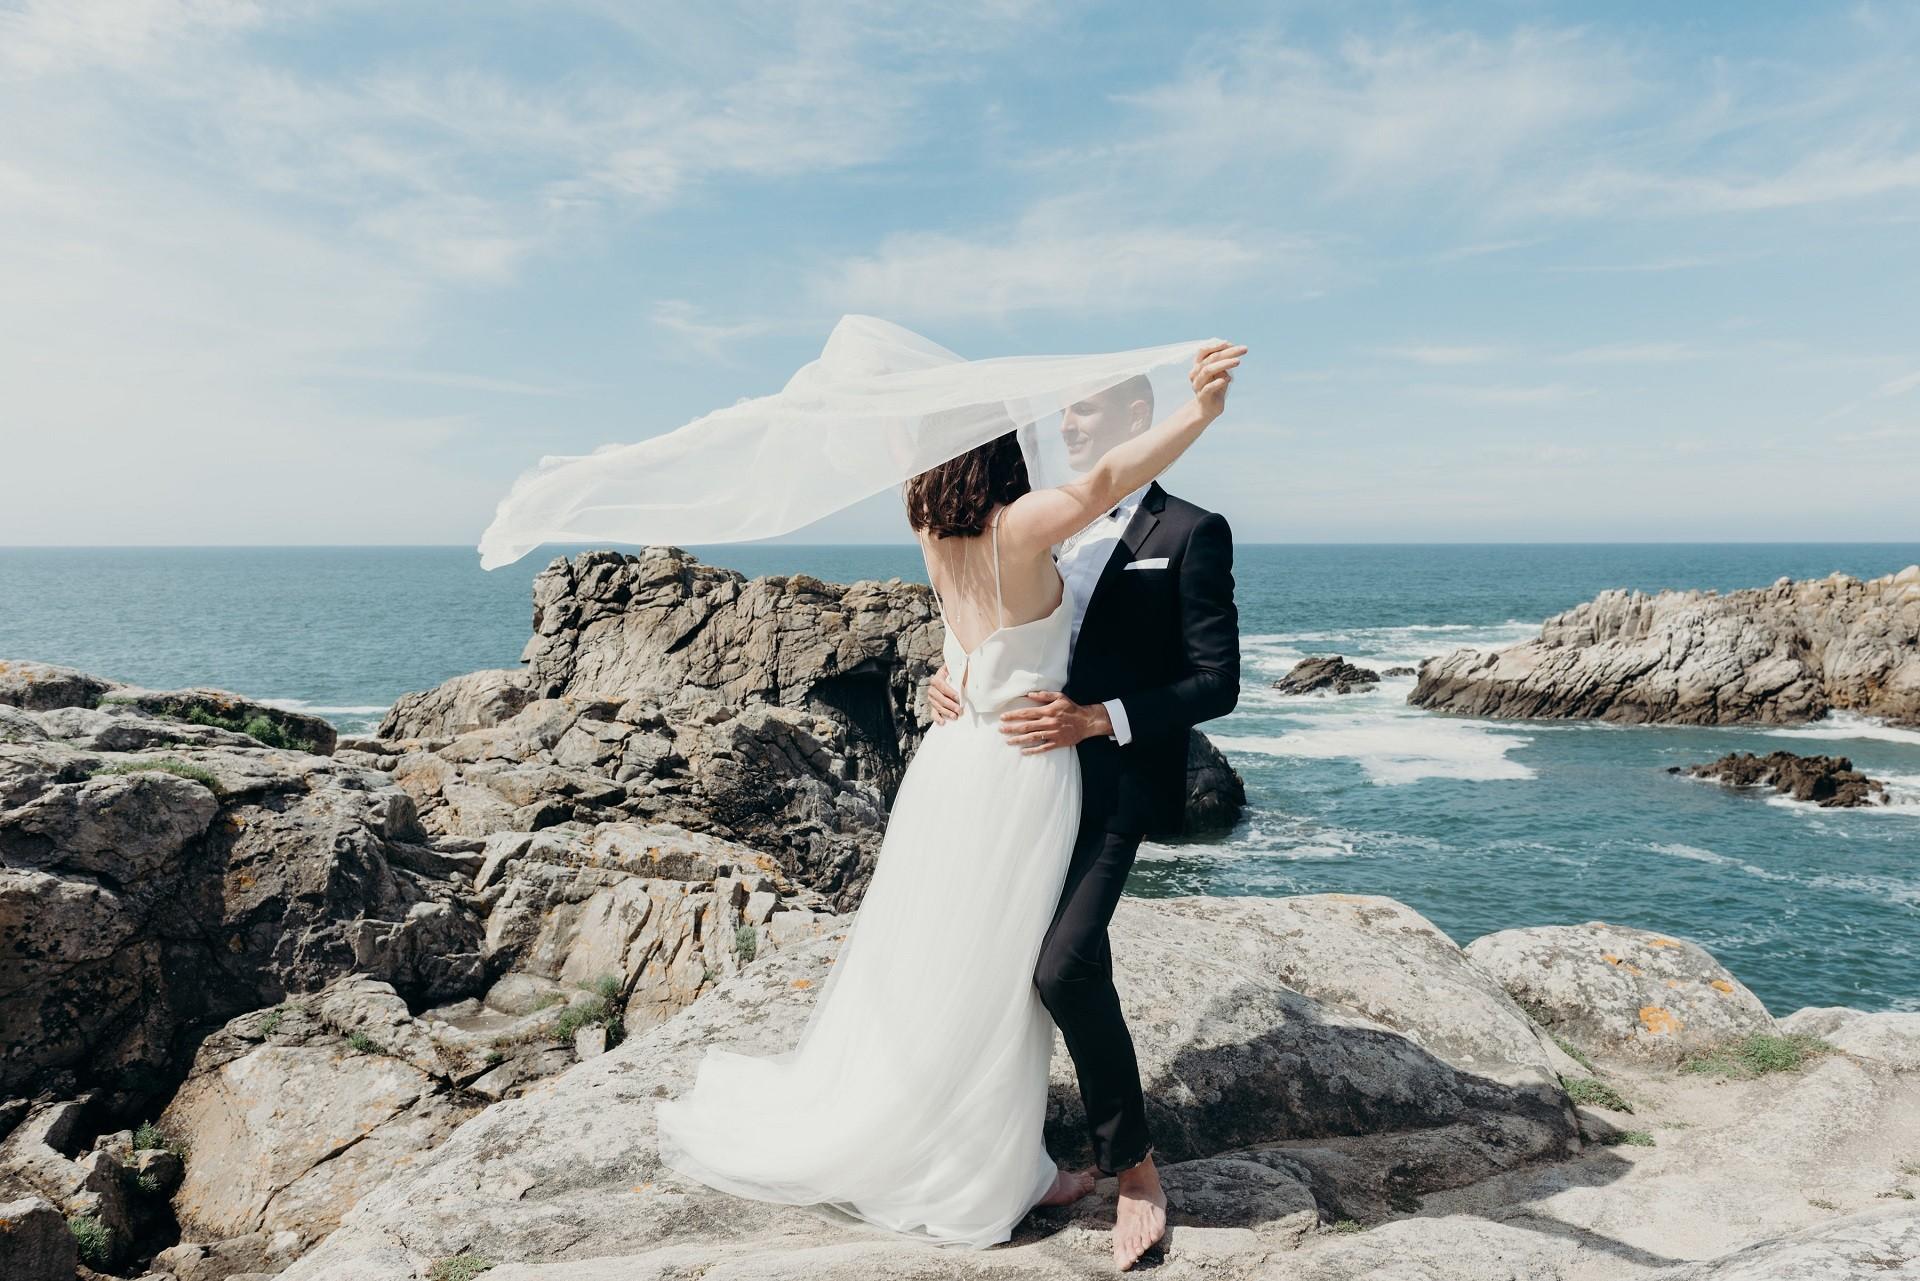 mariage_intimiste_sur_la_plage-SophieMasiewiczPhotographie (95)